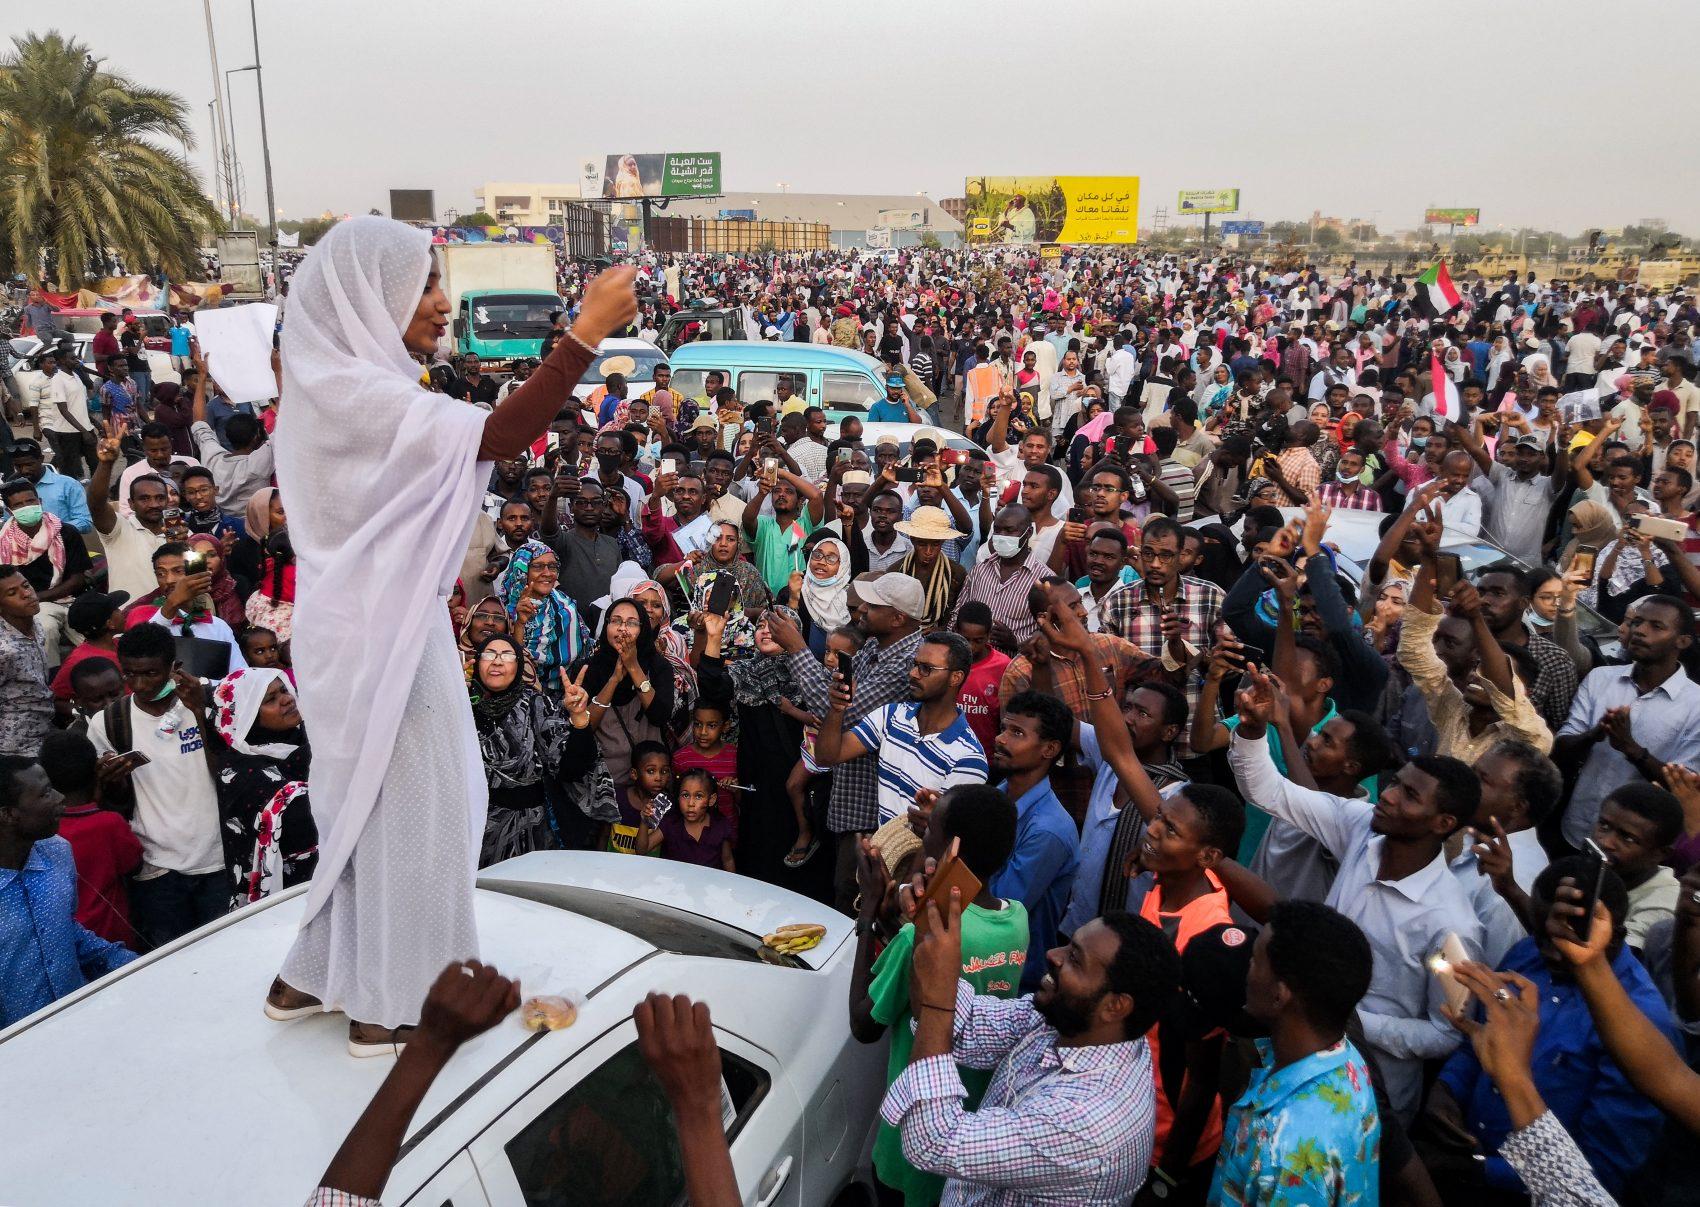 Alaa Salah, mulher que se tornou símbolo dos protestos contra o regime no Sudão, lidera manifestação no país: onde o presidente Omar al-Bashir, acabou derrubado: onda de contestação pela África levanta a possibilidade de uma nova Primavera Árabe (Foto: AFP)